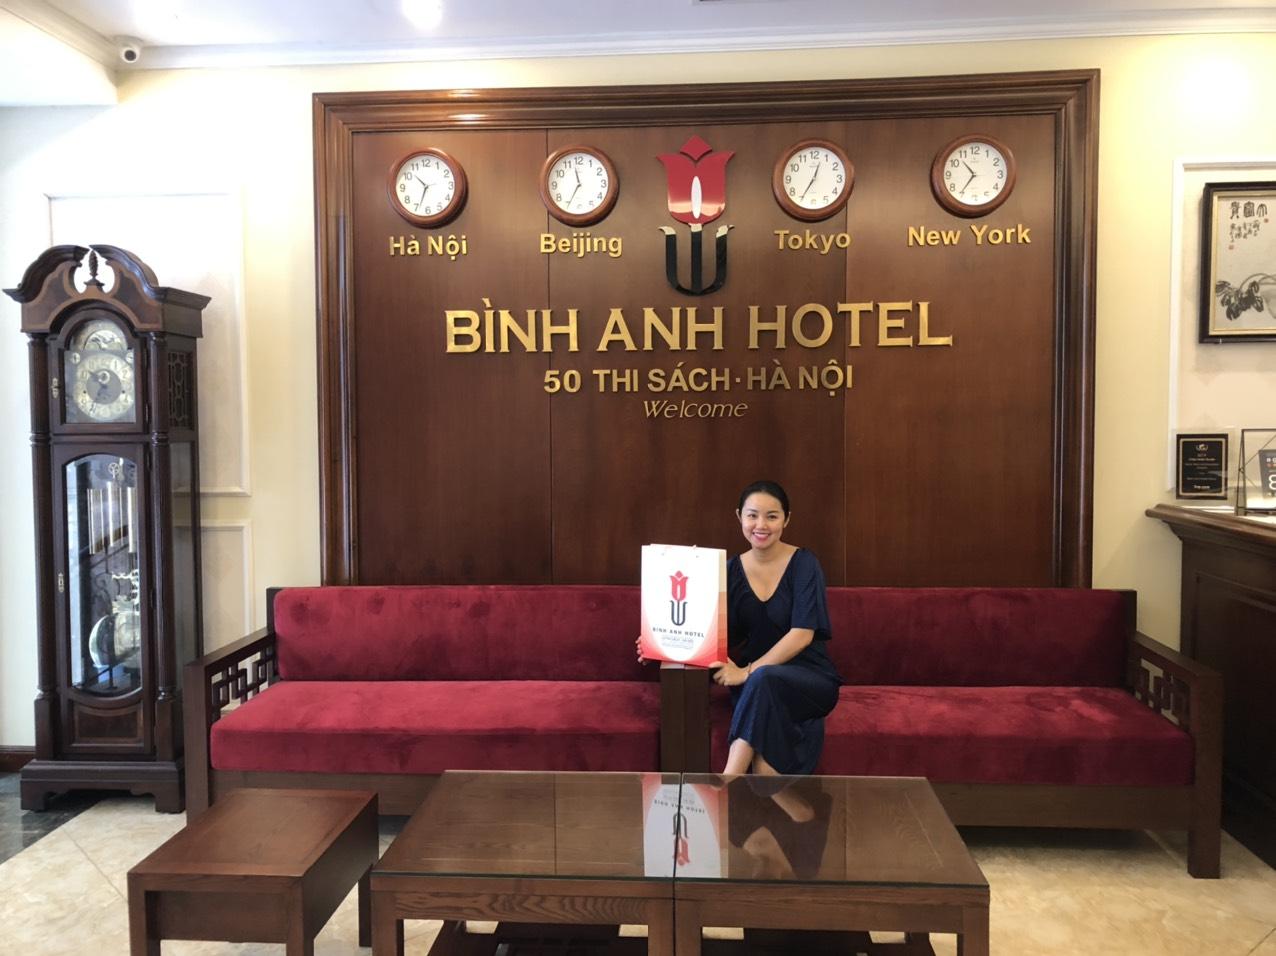 <p>Khách sạn Bình Anh - là sự lựa chọn của Amy mỗi khi đến Hà Nội và của nhiều doanh nhân - nghệ sỹ nổi tiếng. Chi phí vôcùng hợplý, phòng sạch đẹp đầy đủ tiện nghi, nhất là bà chủ cực kỳ dễ thương. Lần nào đến ở cũng có quà. 50 phốThi Sách nơi ở thuận tiện với các con phố của Hà Nội</p>